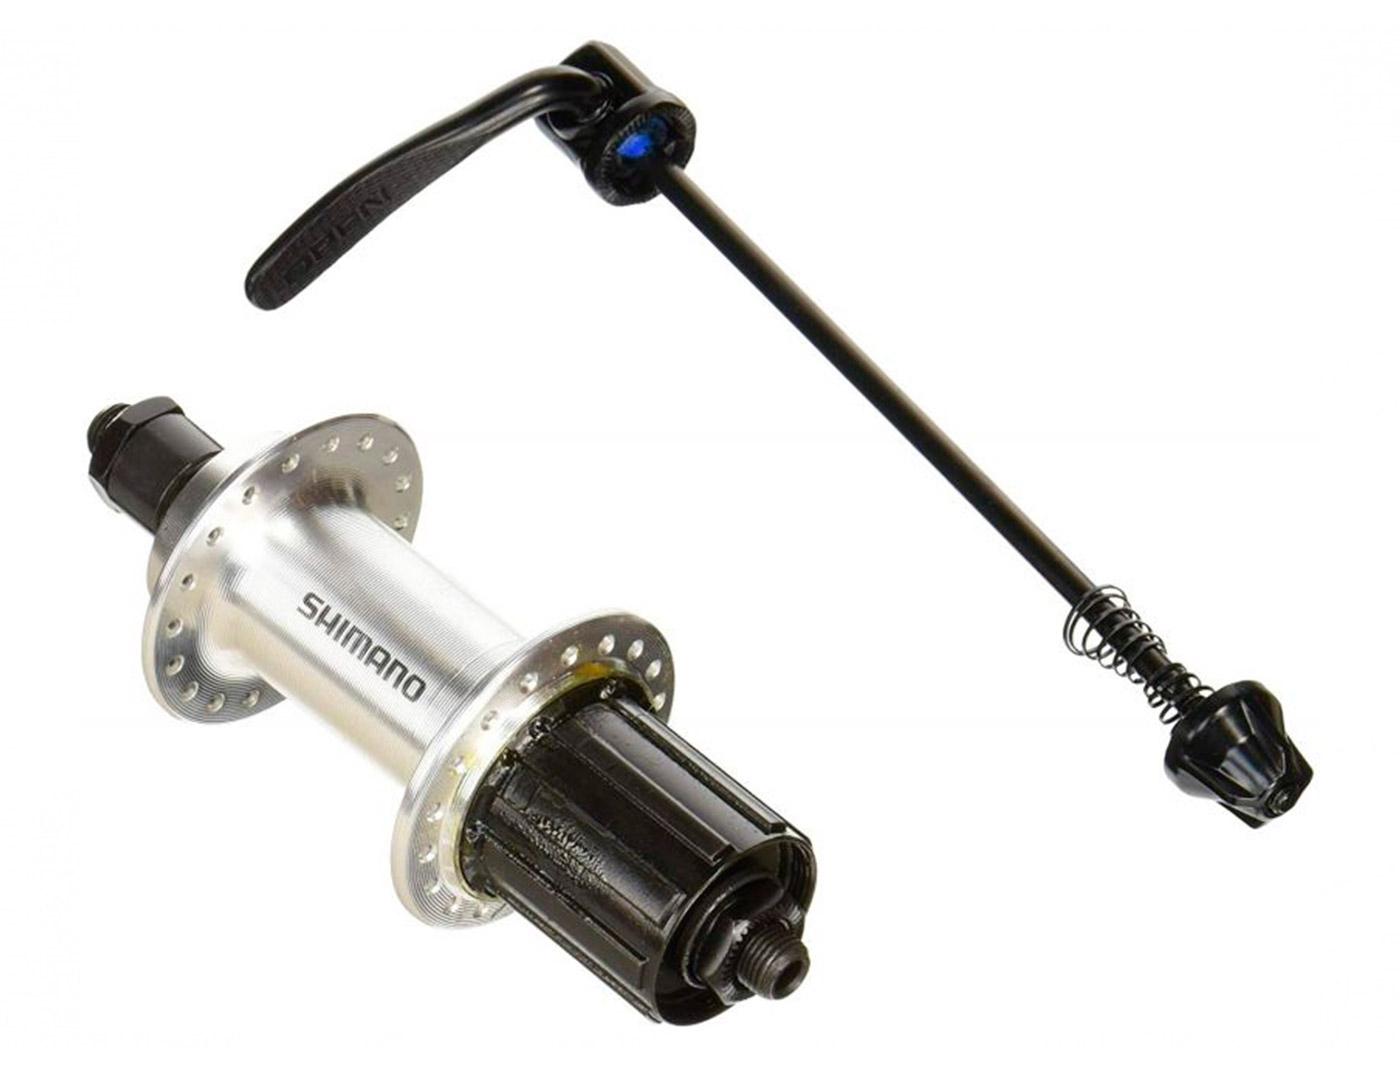 Втулка задн. Shimano TX500, v-br, 36 отв, 8/9, QR, old:135мм, цв. серебр.